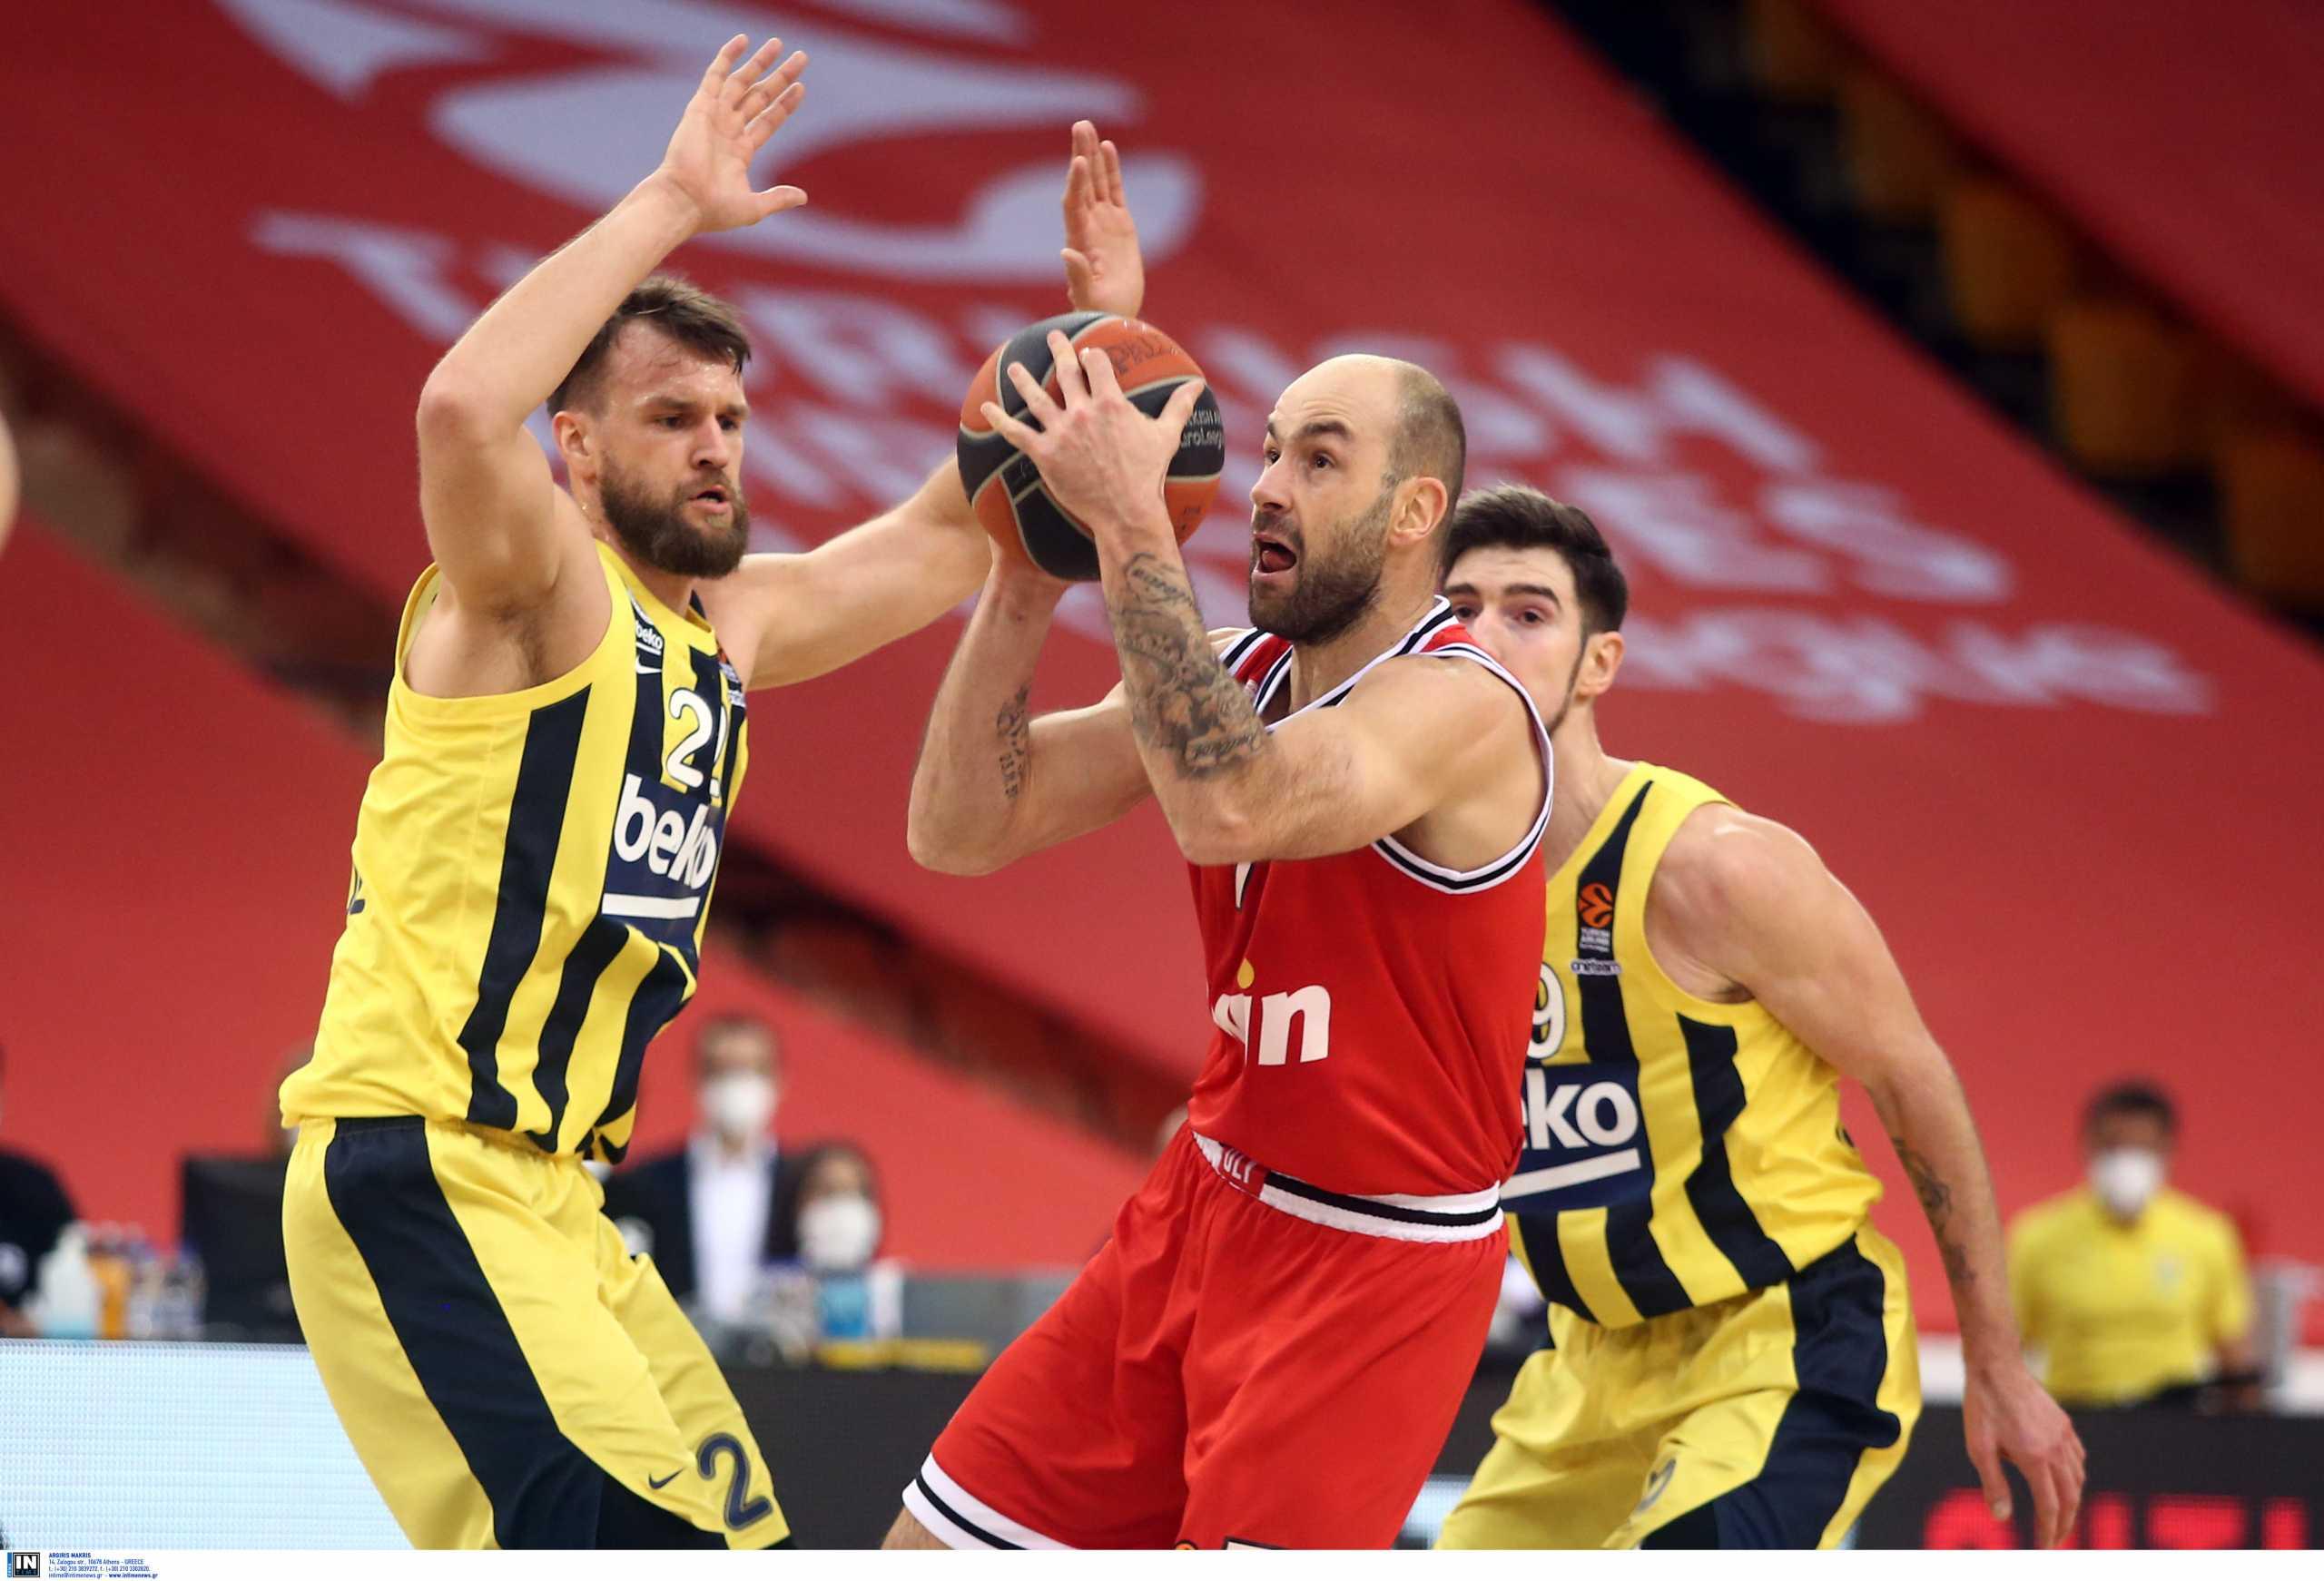 Βαθμολογία Euroleague: Αποκλείστηκε ο Ολυμπιακός μετά την ήττα από τη Φενέρμπαχτσε